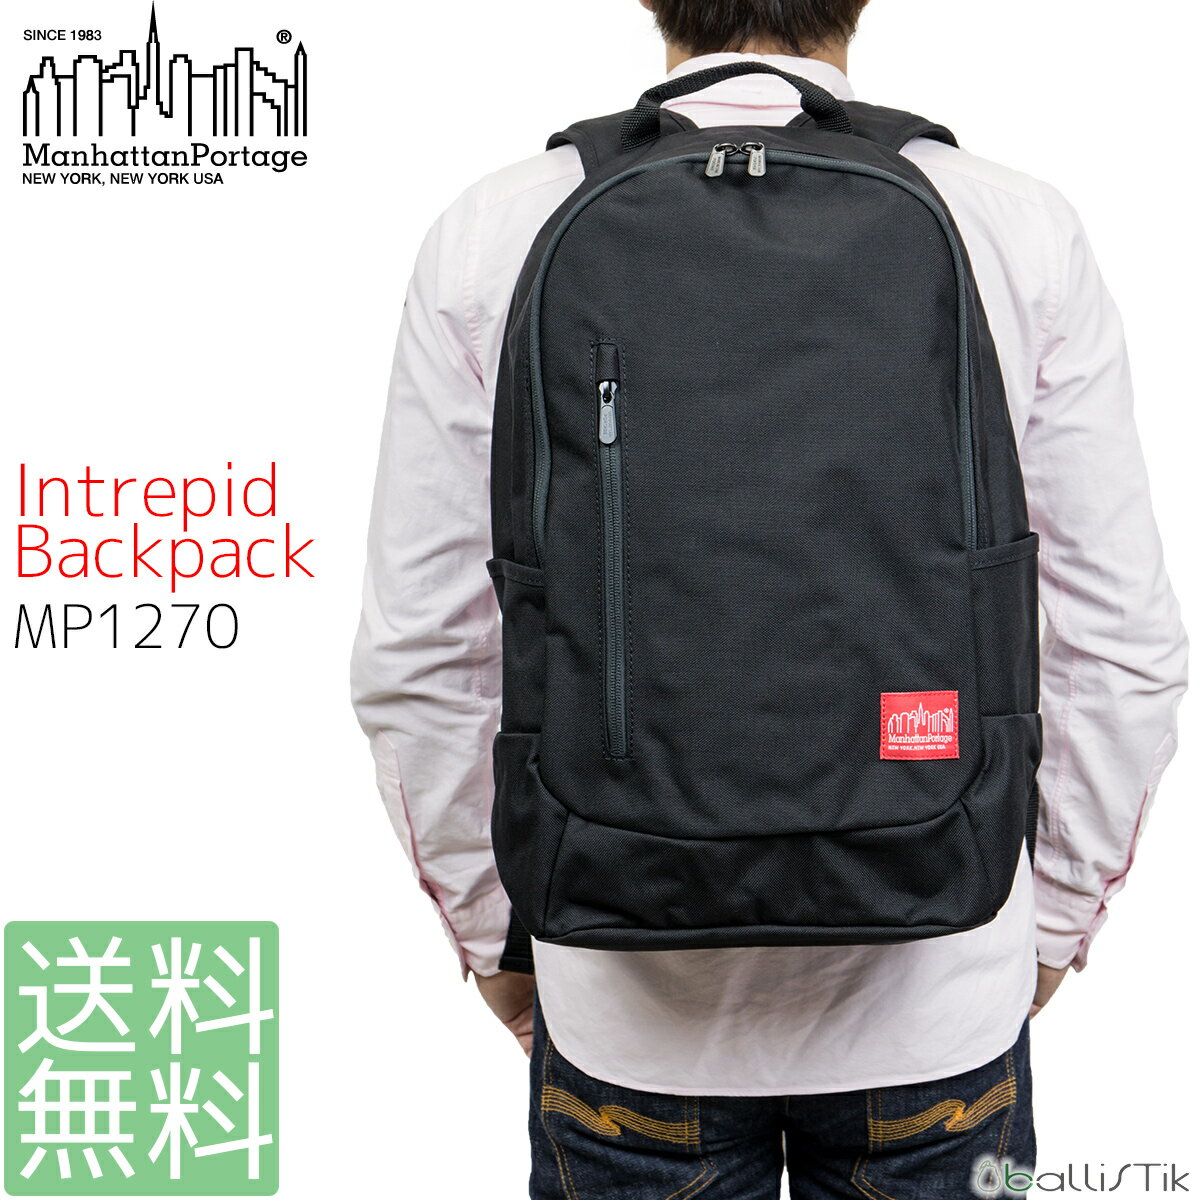 マンハッタンポーテージ リュック バックパック Intrepid Backpack MP1270 メンズ レディース 【 日本正規品 送料無料 あす楽】【ポイント10倍】